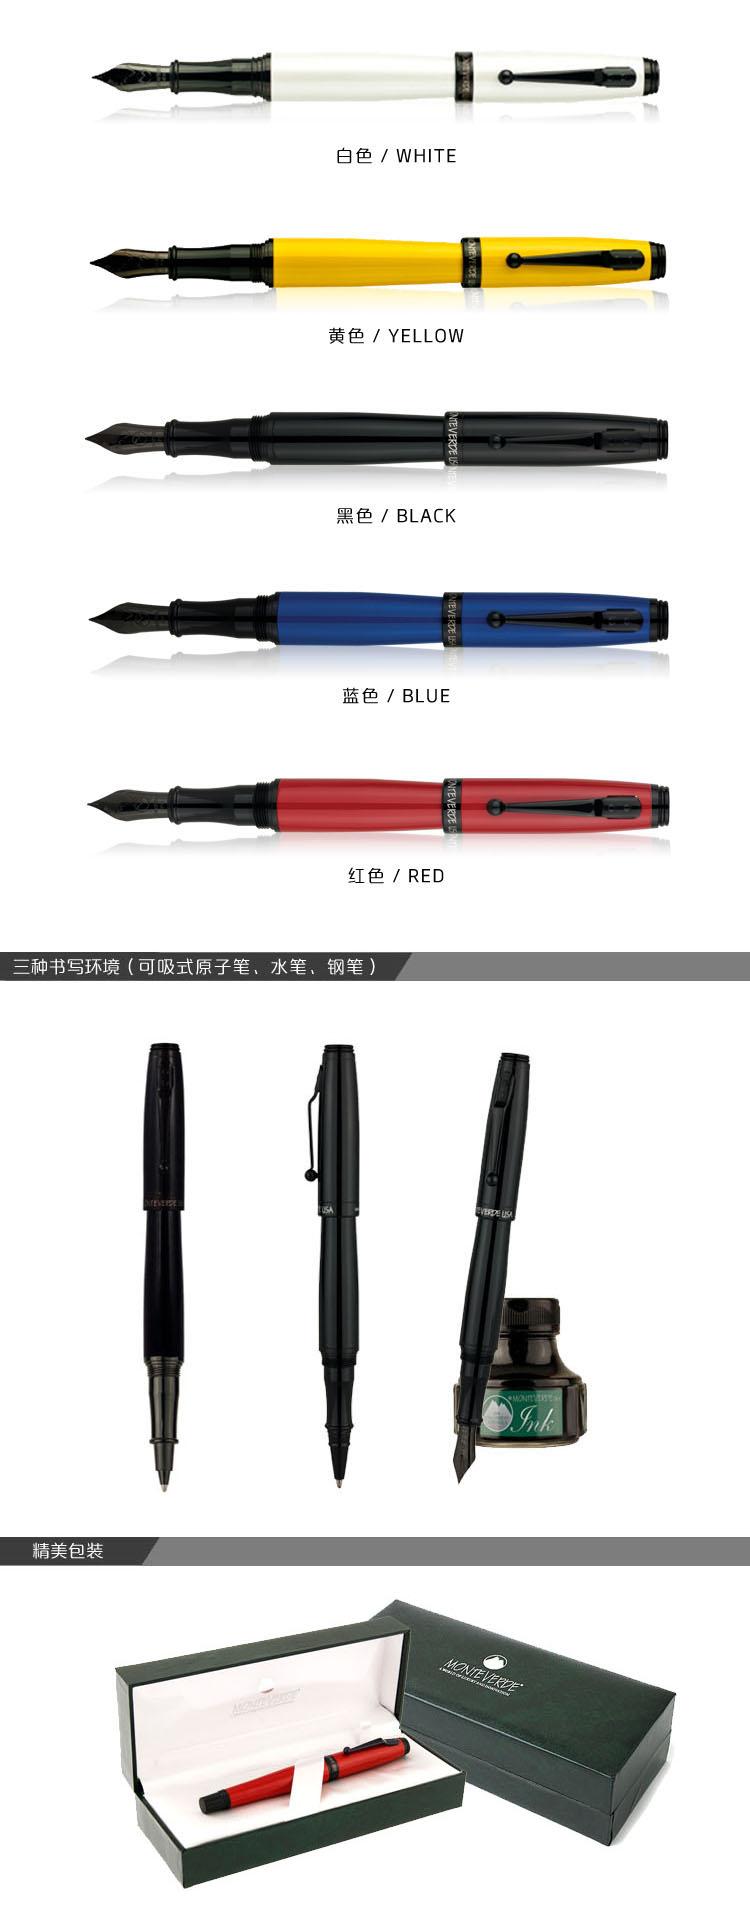 蒙特韦德角色系列钢笔